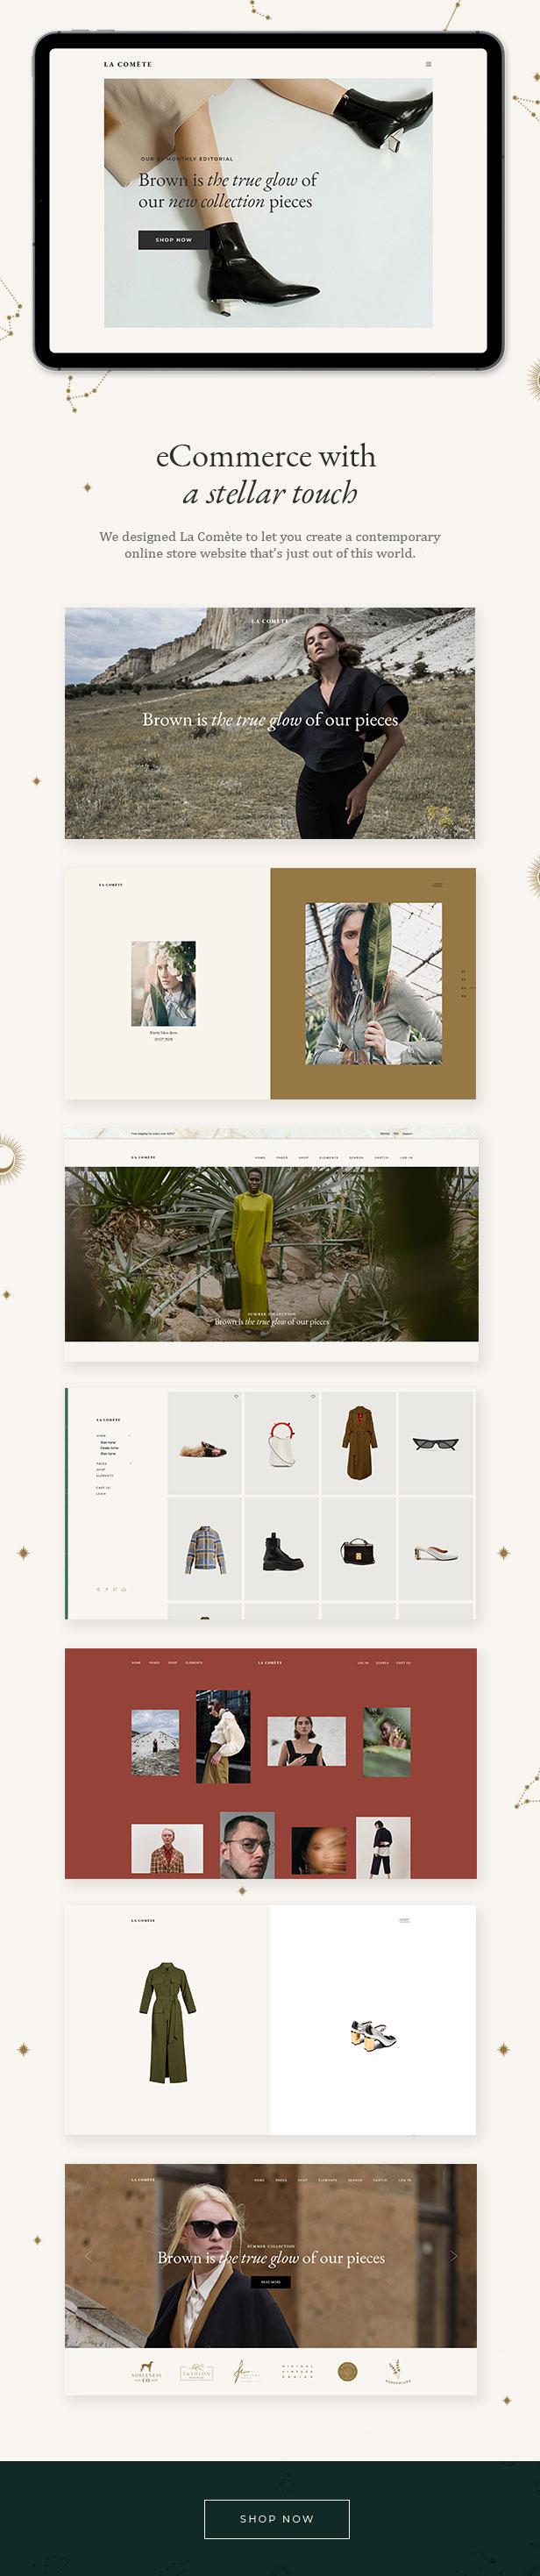 La Comète - Fashion and Clothing Store Theme - 1